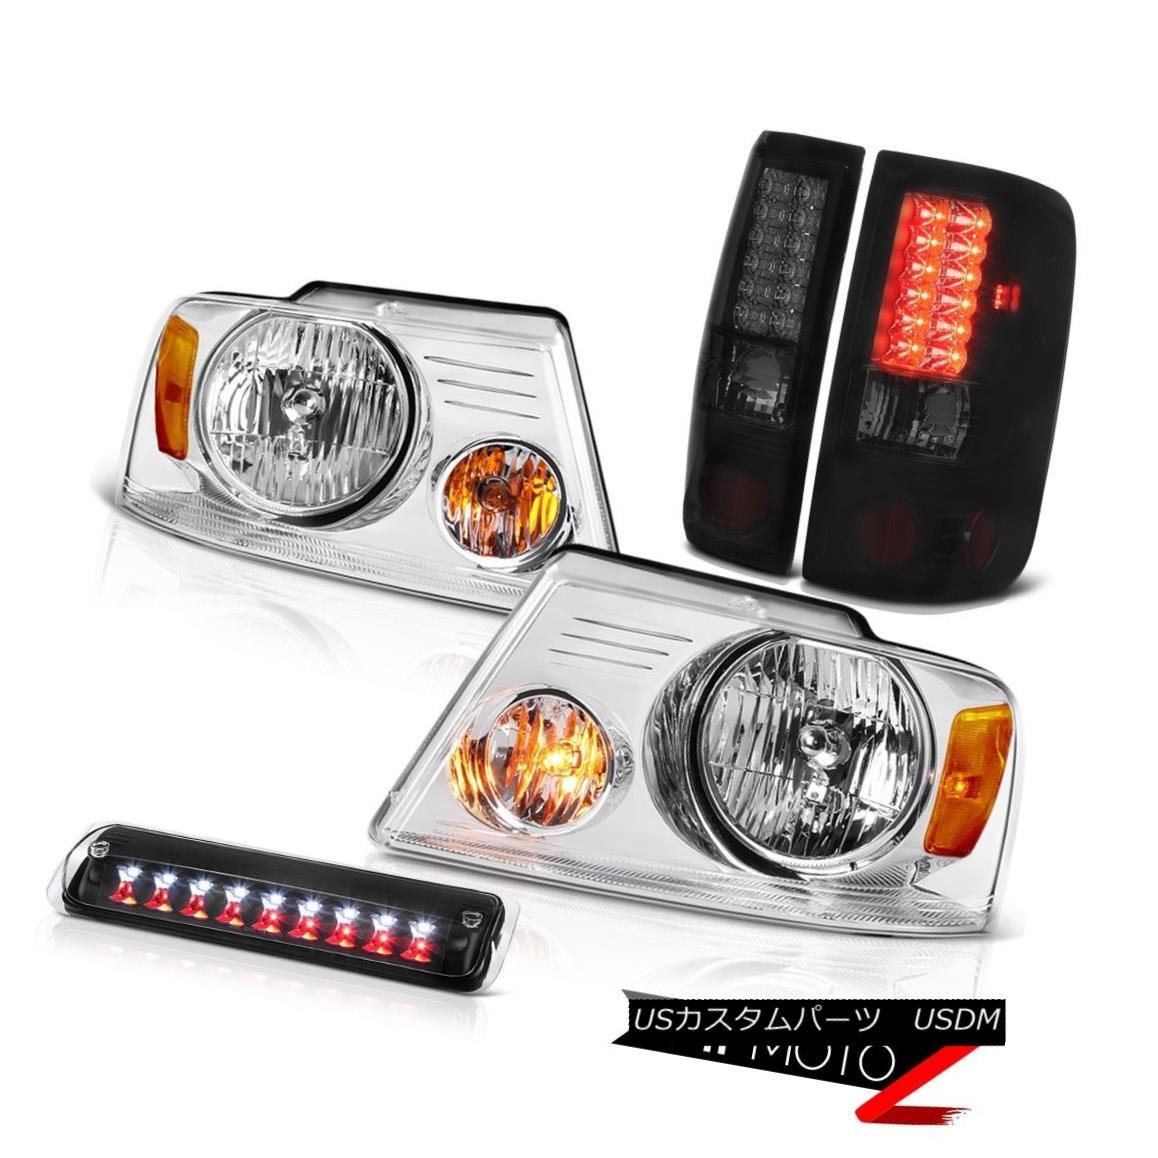 テールライト 04-08 Ford F150 Lariat Euro Chrome Headlamps 3RD Brake Lamp Tail Lights Assembly 04-08 Ford F150 Lariatユーロクロームヘッドランプ3RDブレーキランプテールライトアセンブリ